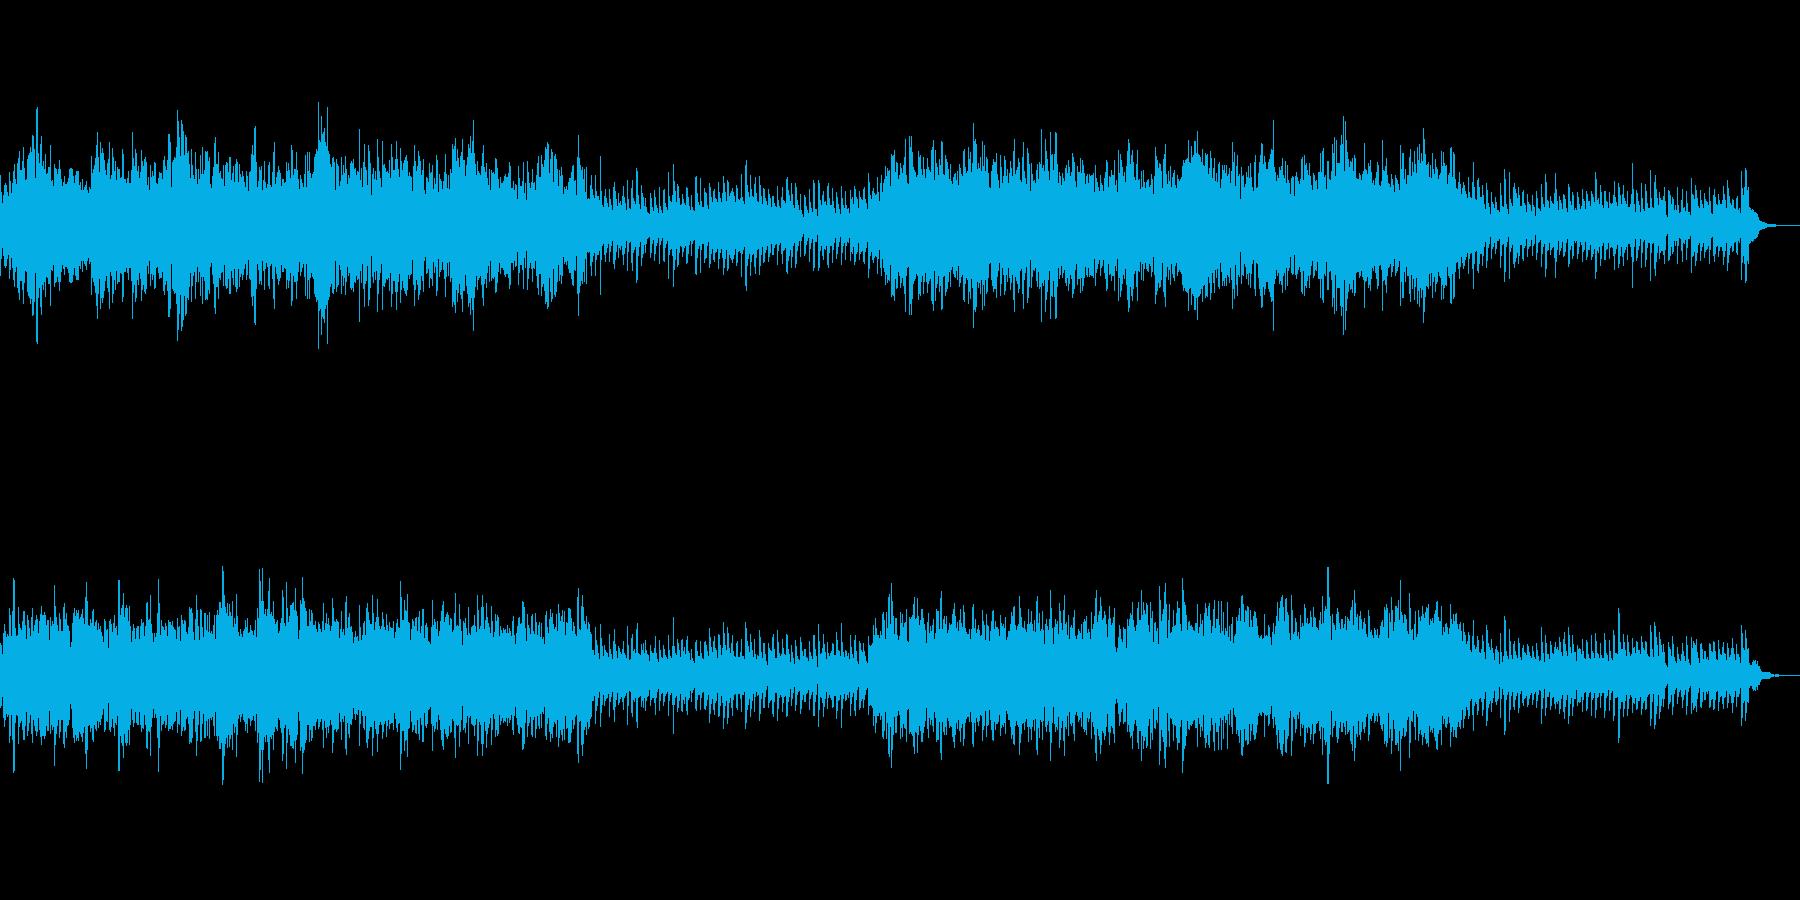 エキゾチックで古風な雰囲気のシンセBGMの再生済みの波形